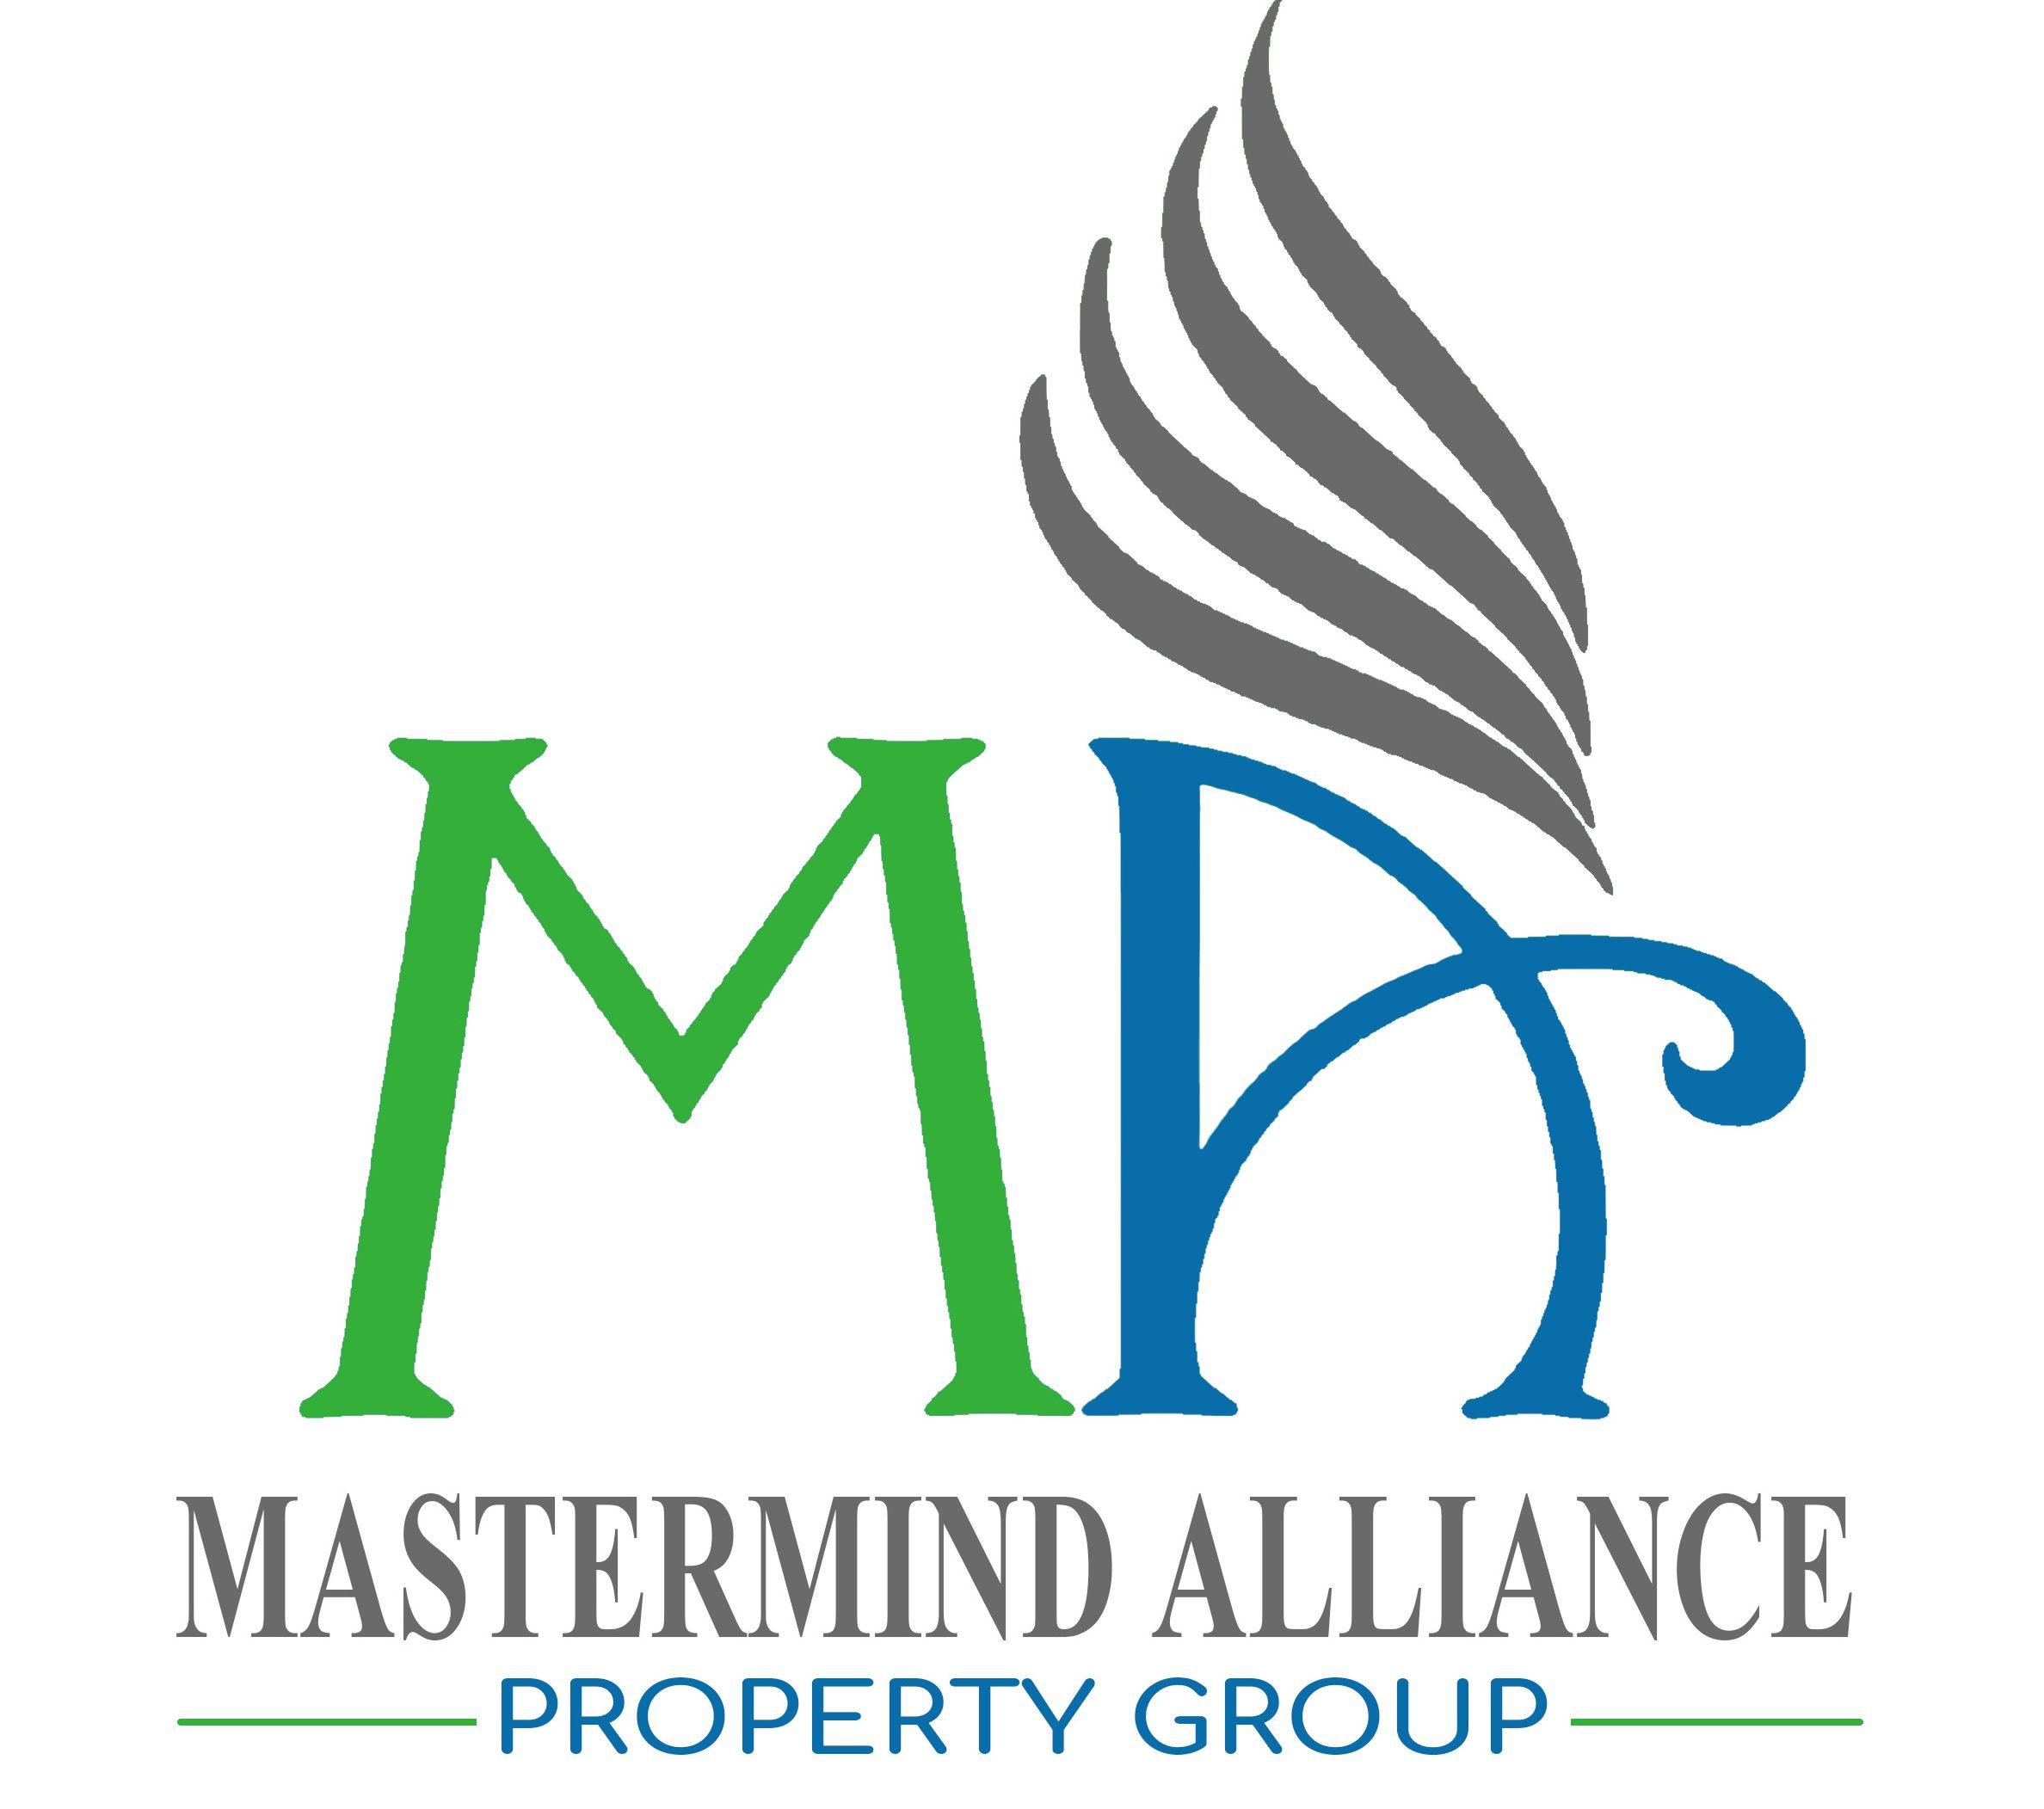 Mastermind Alliance Property Group